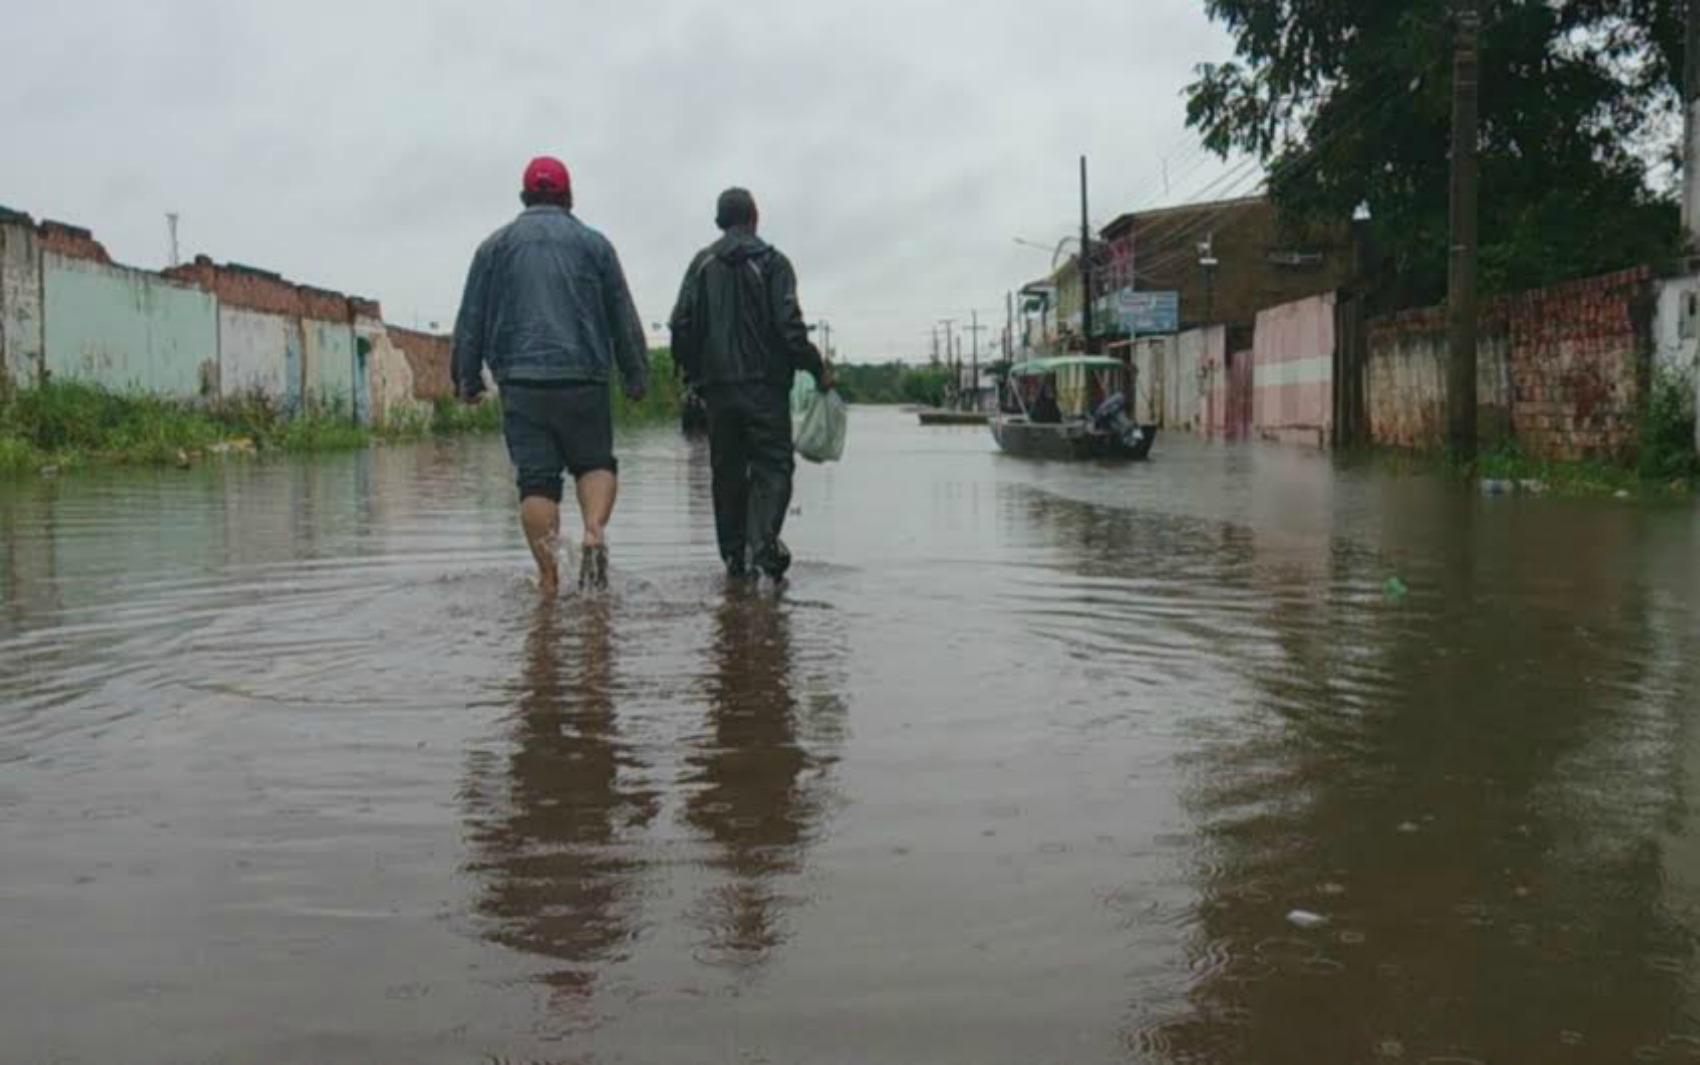 Moradores se arriscam ao atravessar rua tomada pela cheia do Rio Madeira